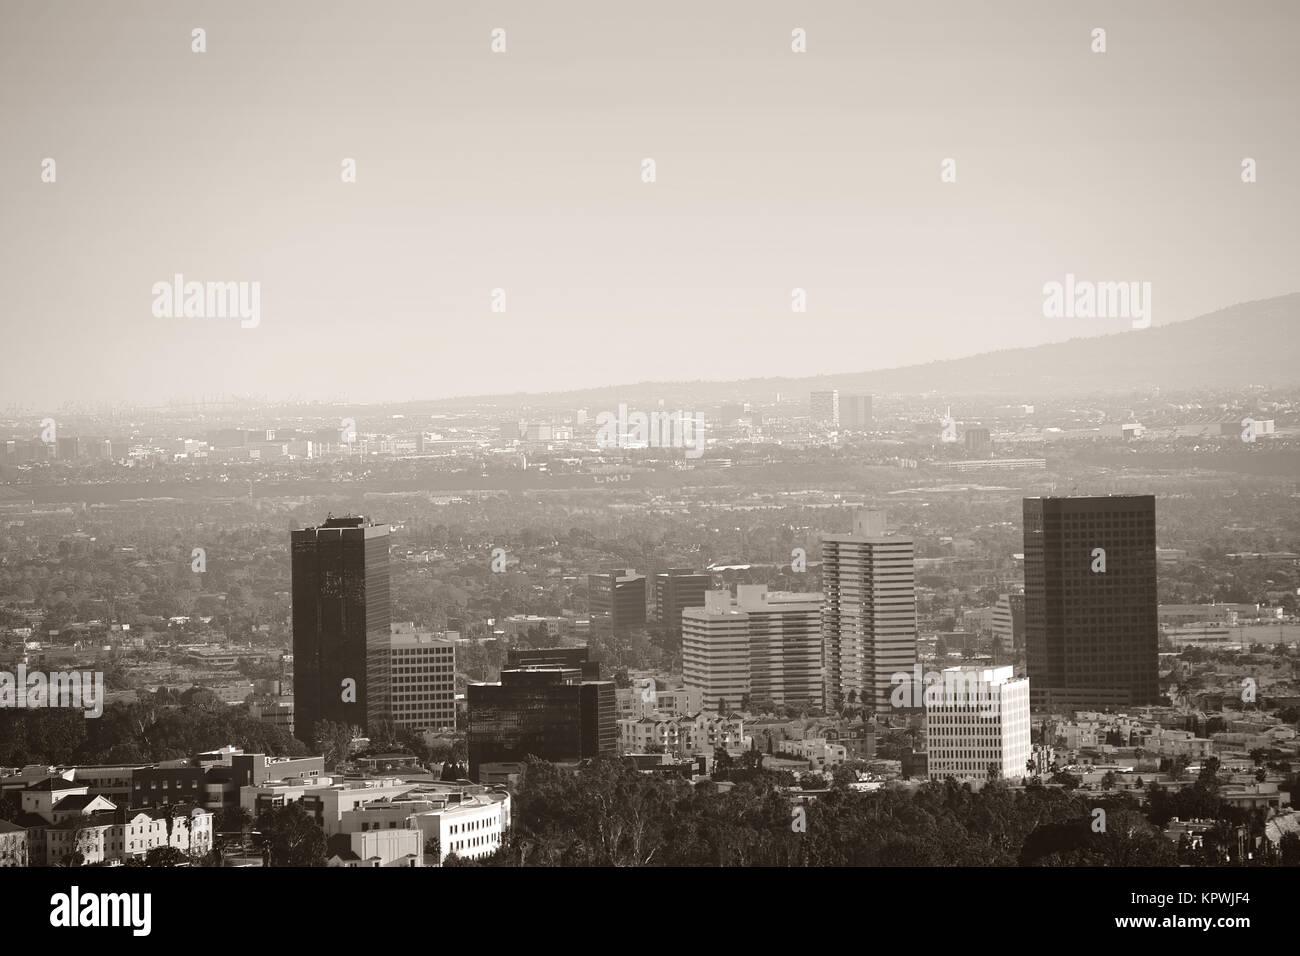 Die Skyline im Stadtzentrum von Los Angeles mit verschiedenen Hochhäusern umgeben von Parkanlagen und Infrastruktur. - Stock Image